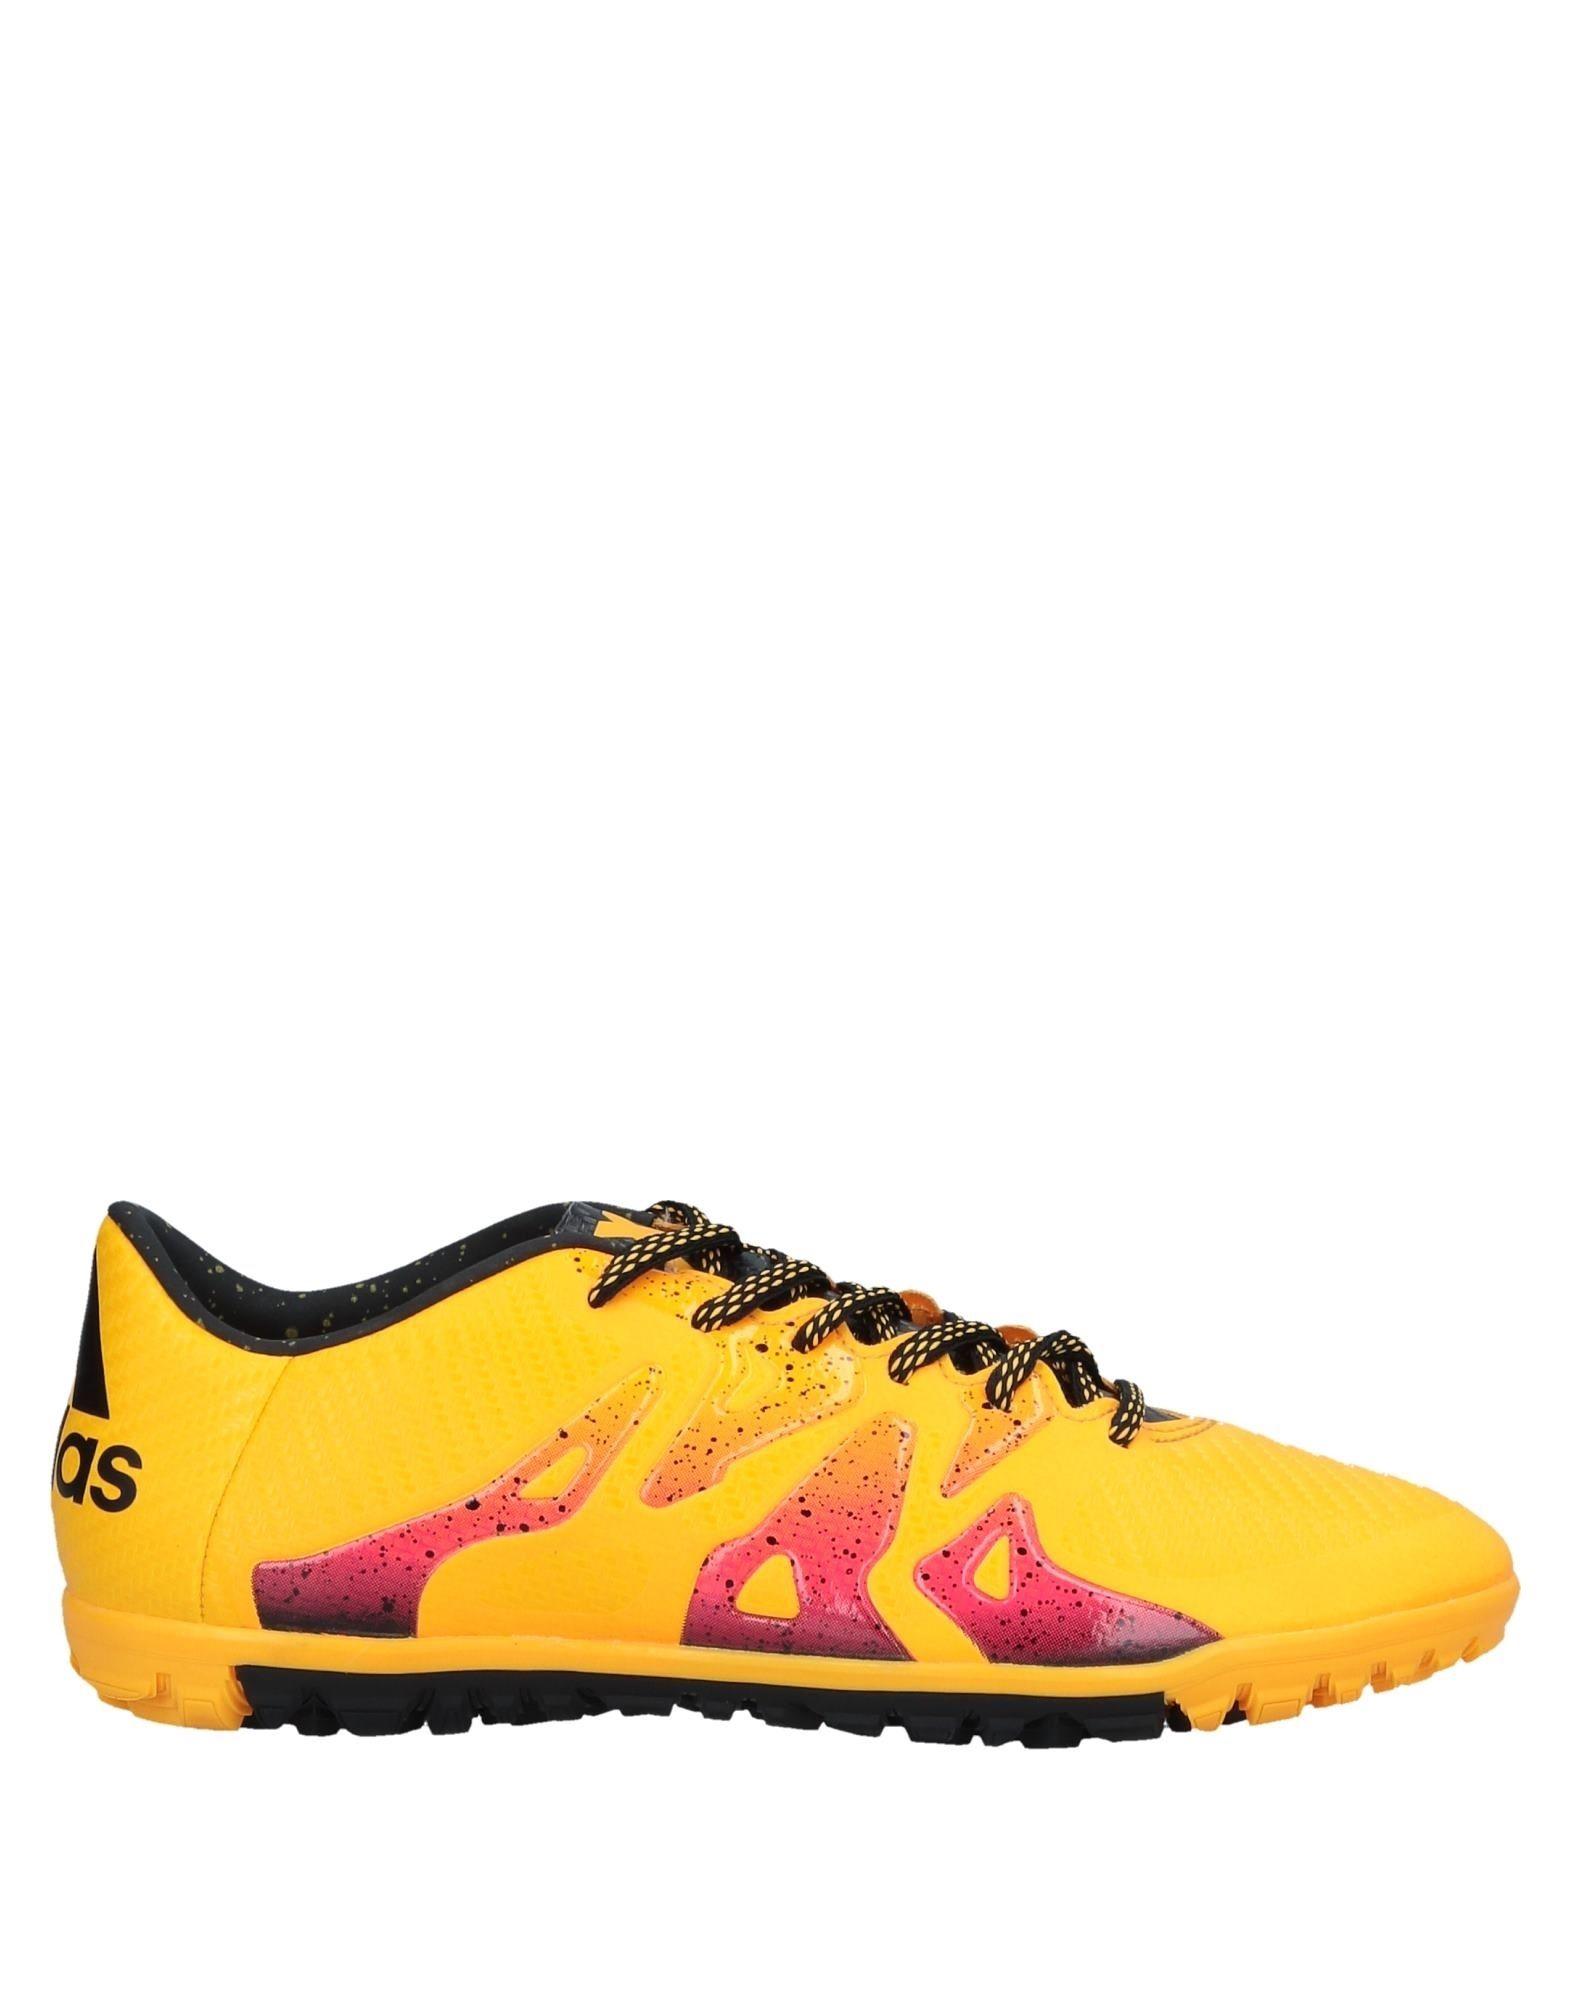 Moda Sneakers Adidas Uomo - 11527793SJ 11527793SJ - 132c4c